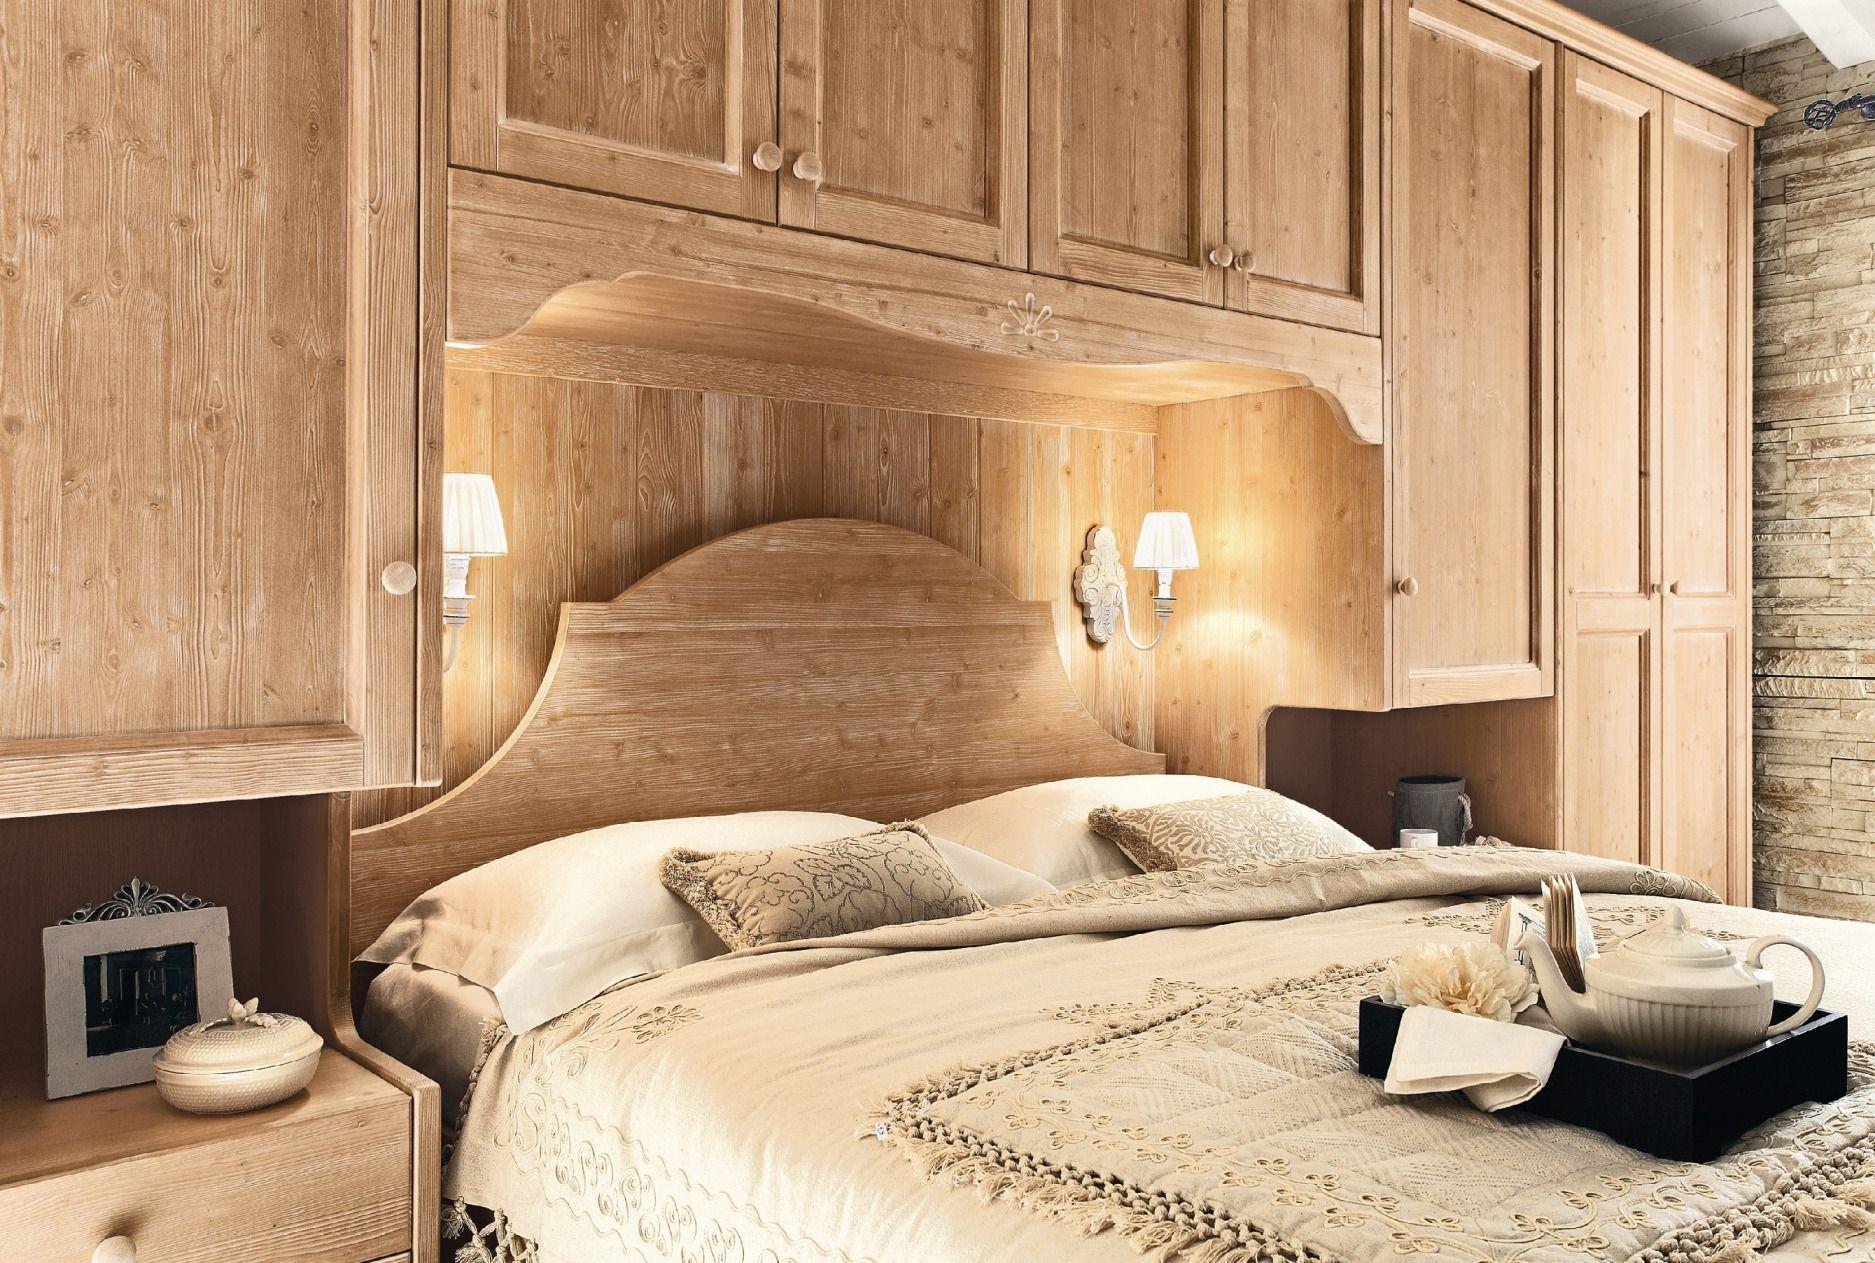 Camera da letto in legno in stile country every day night for Letto a cassettone matrimoniale mercatone uno